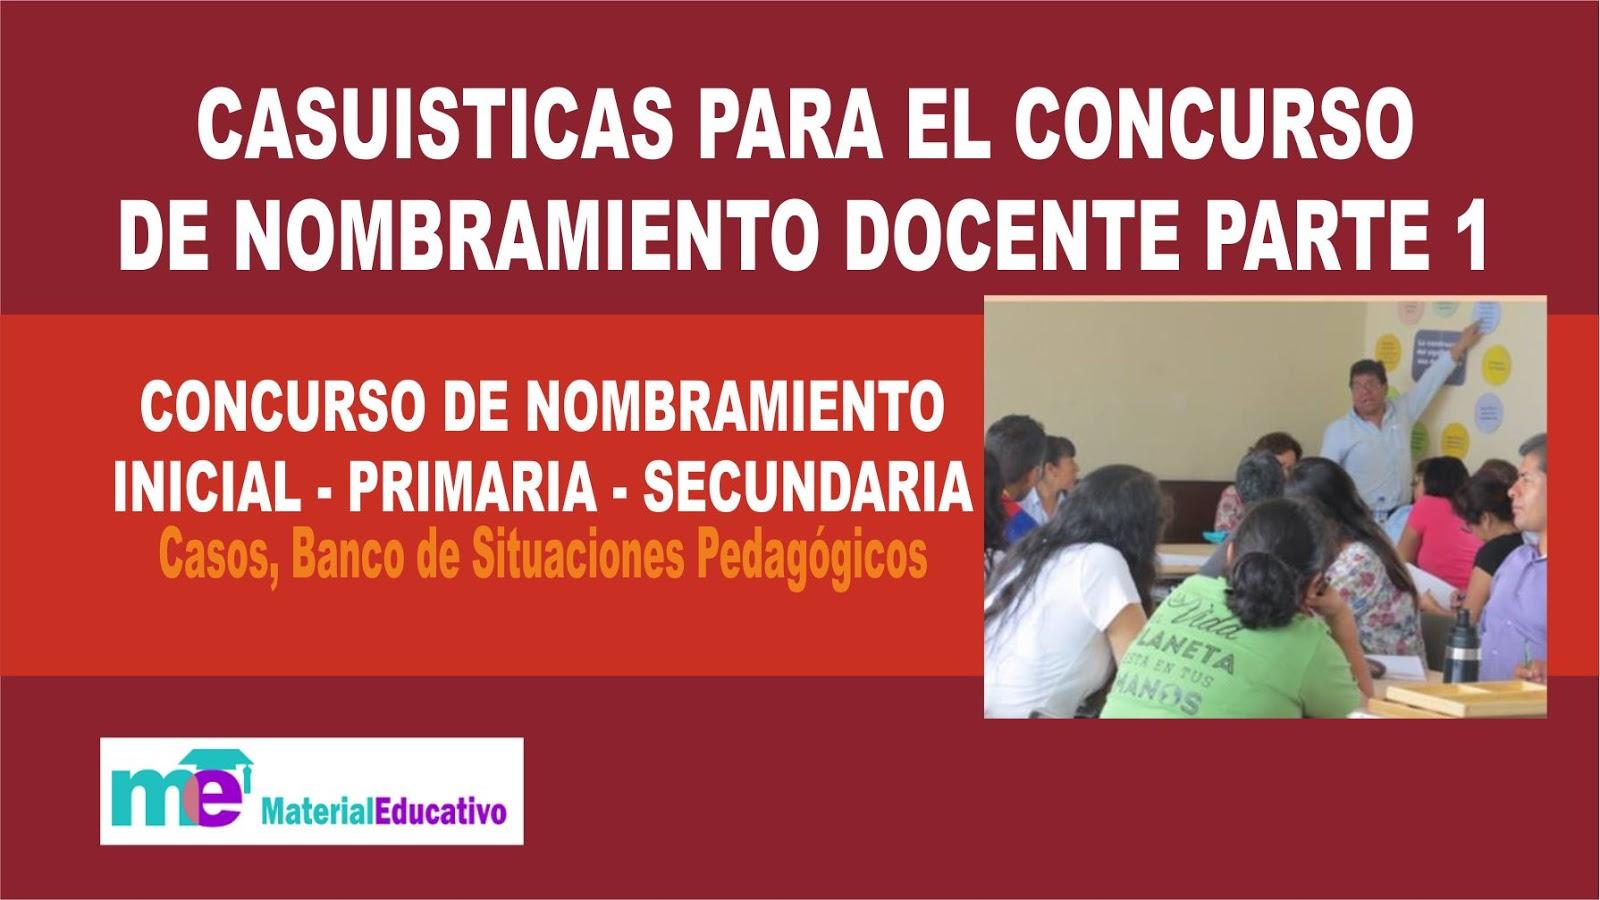 Casuisticas para el concurso de nombramiento docente parte for Concurso docente 2017